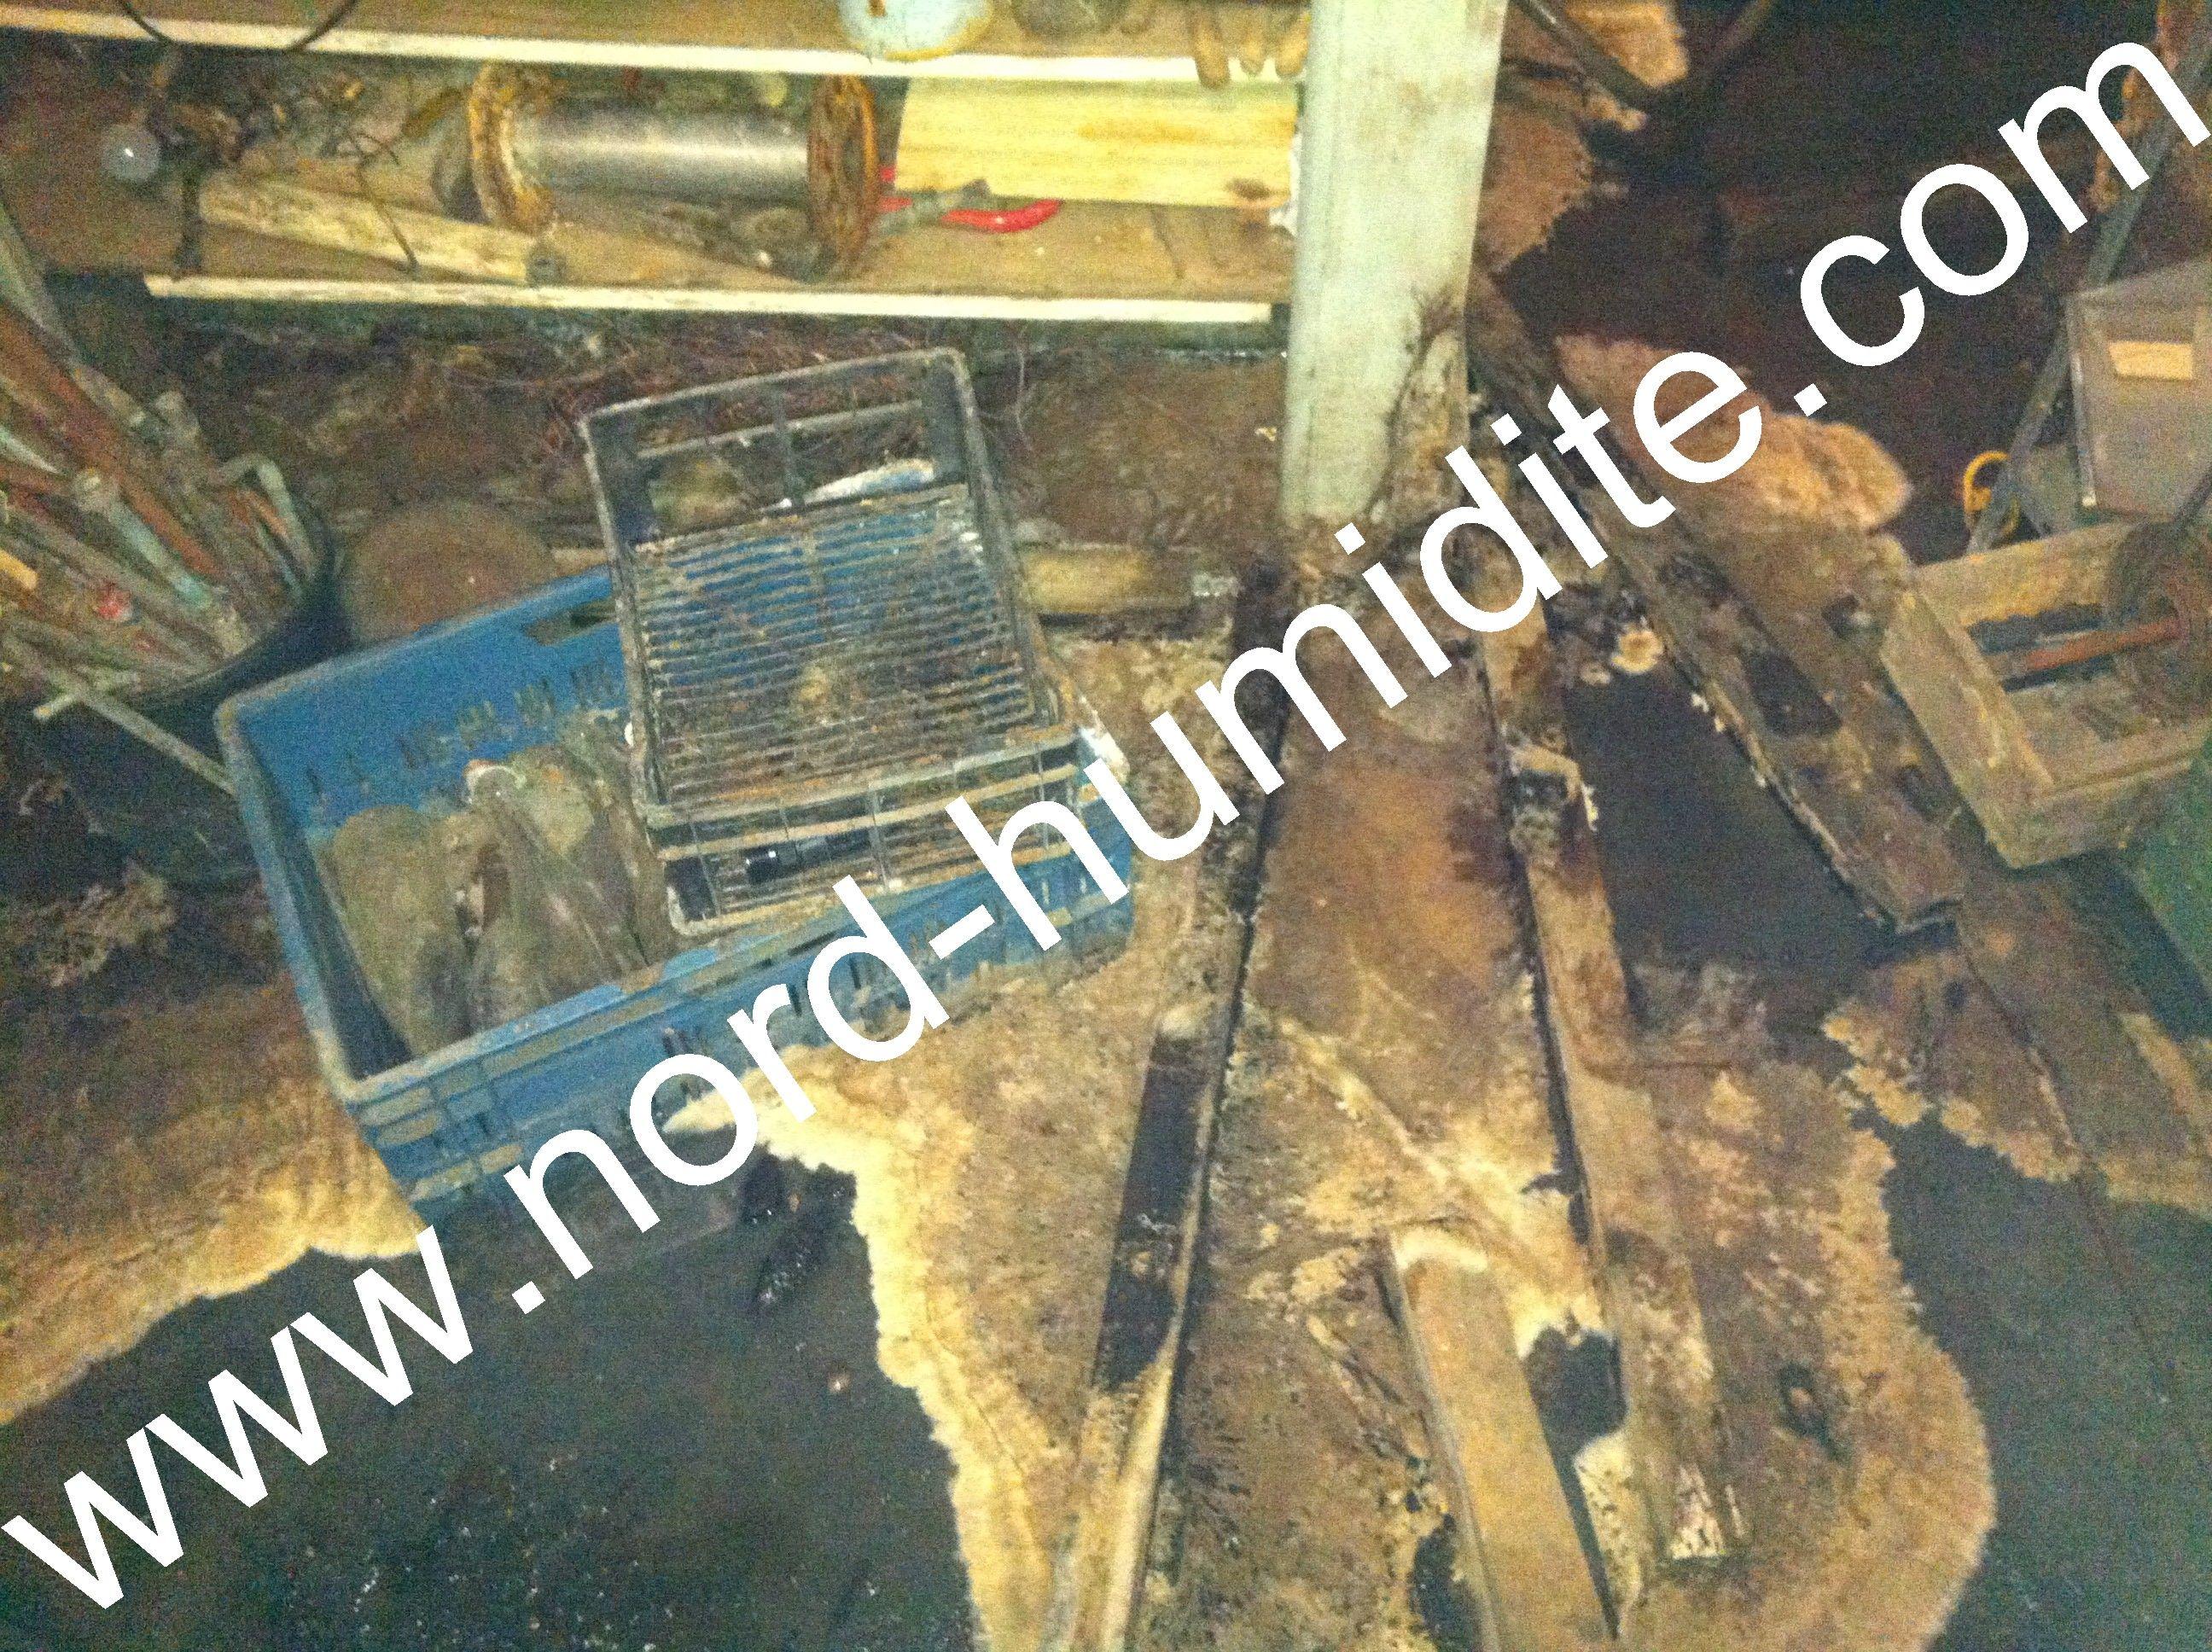 m rule champignon des caves champignon merule pinterest caves. Black Bedroom Furniture Sets. Home Design Ideas